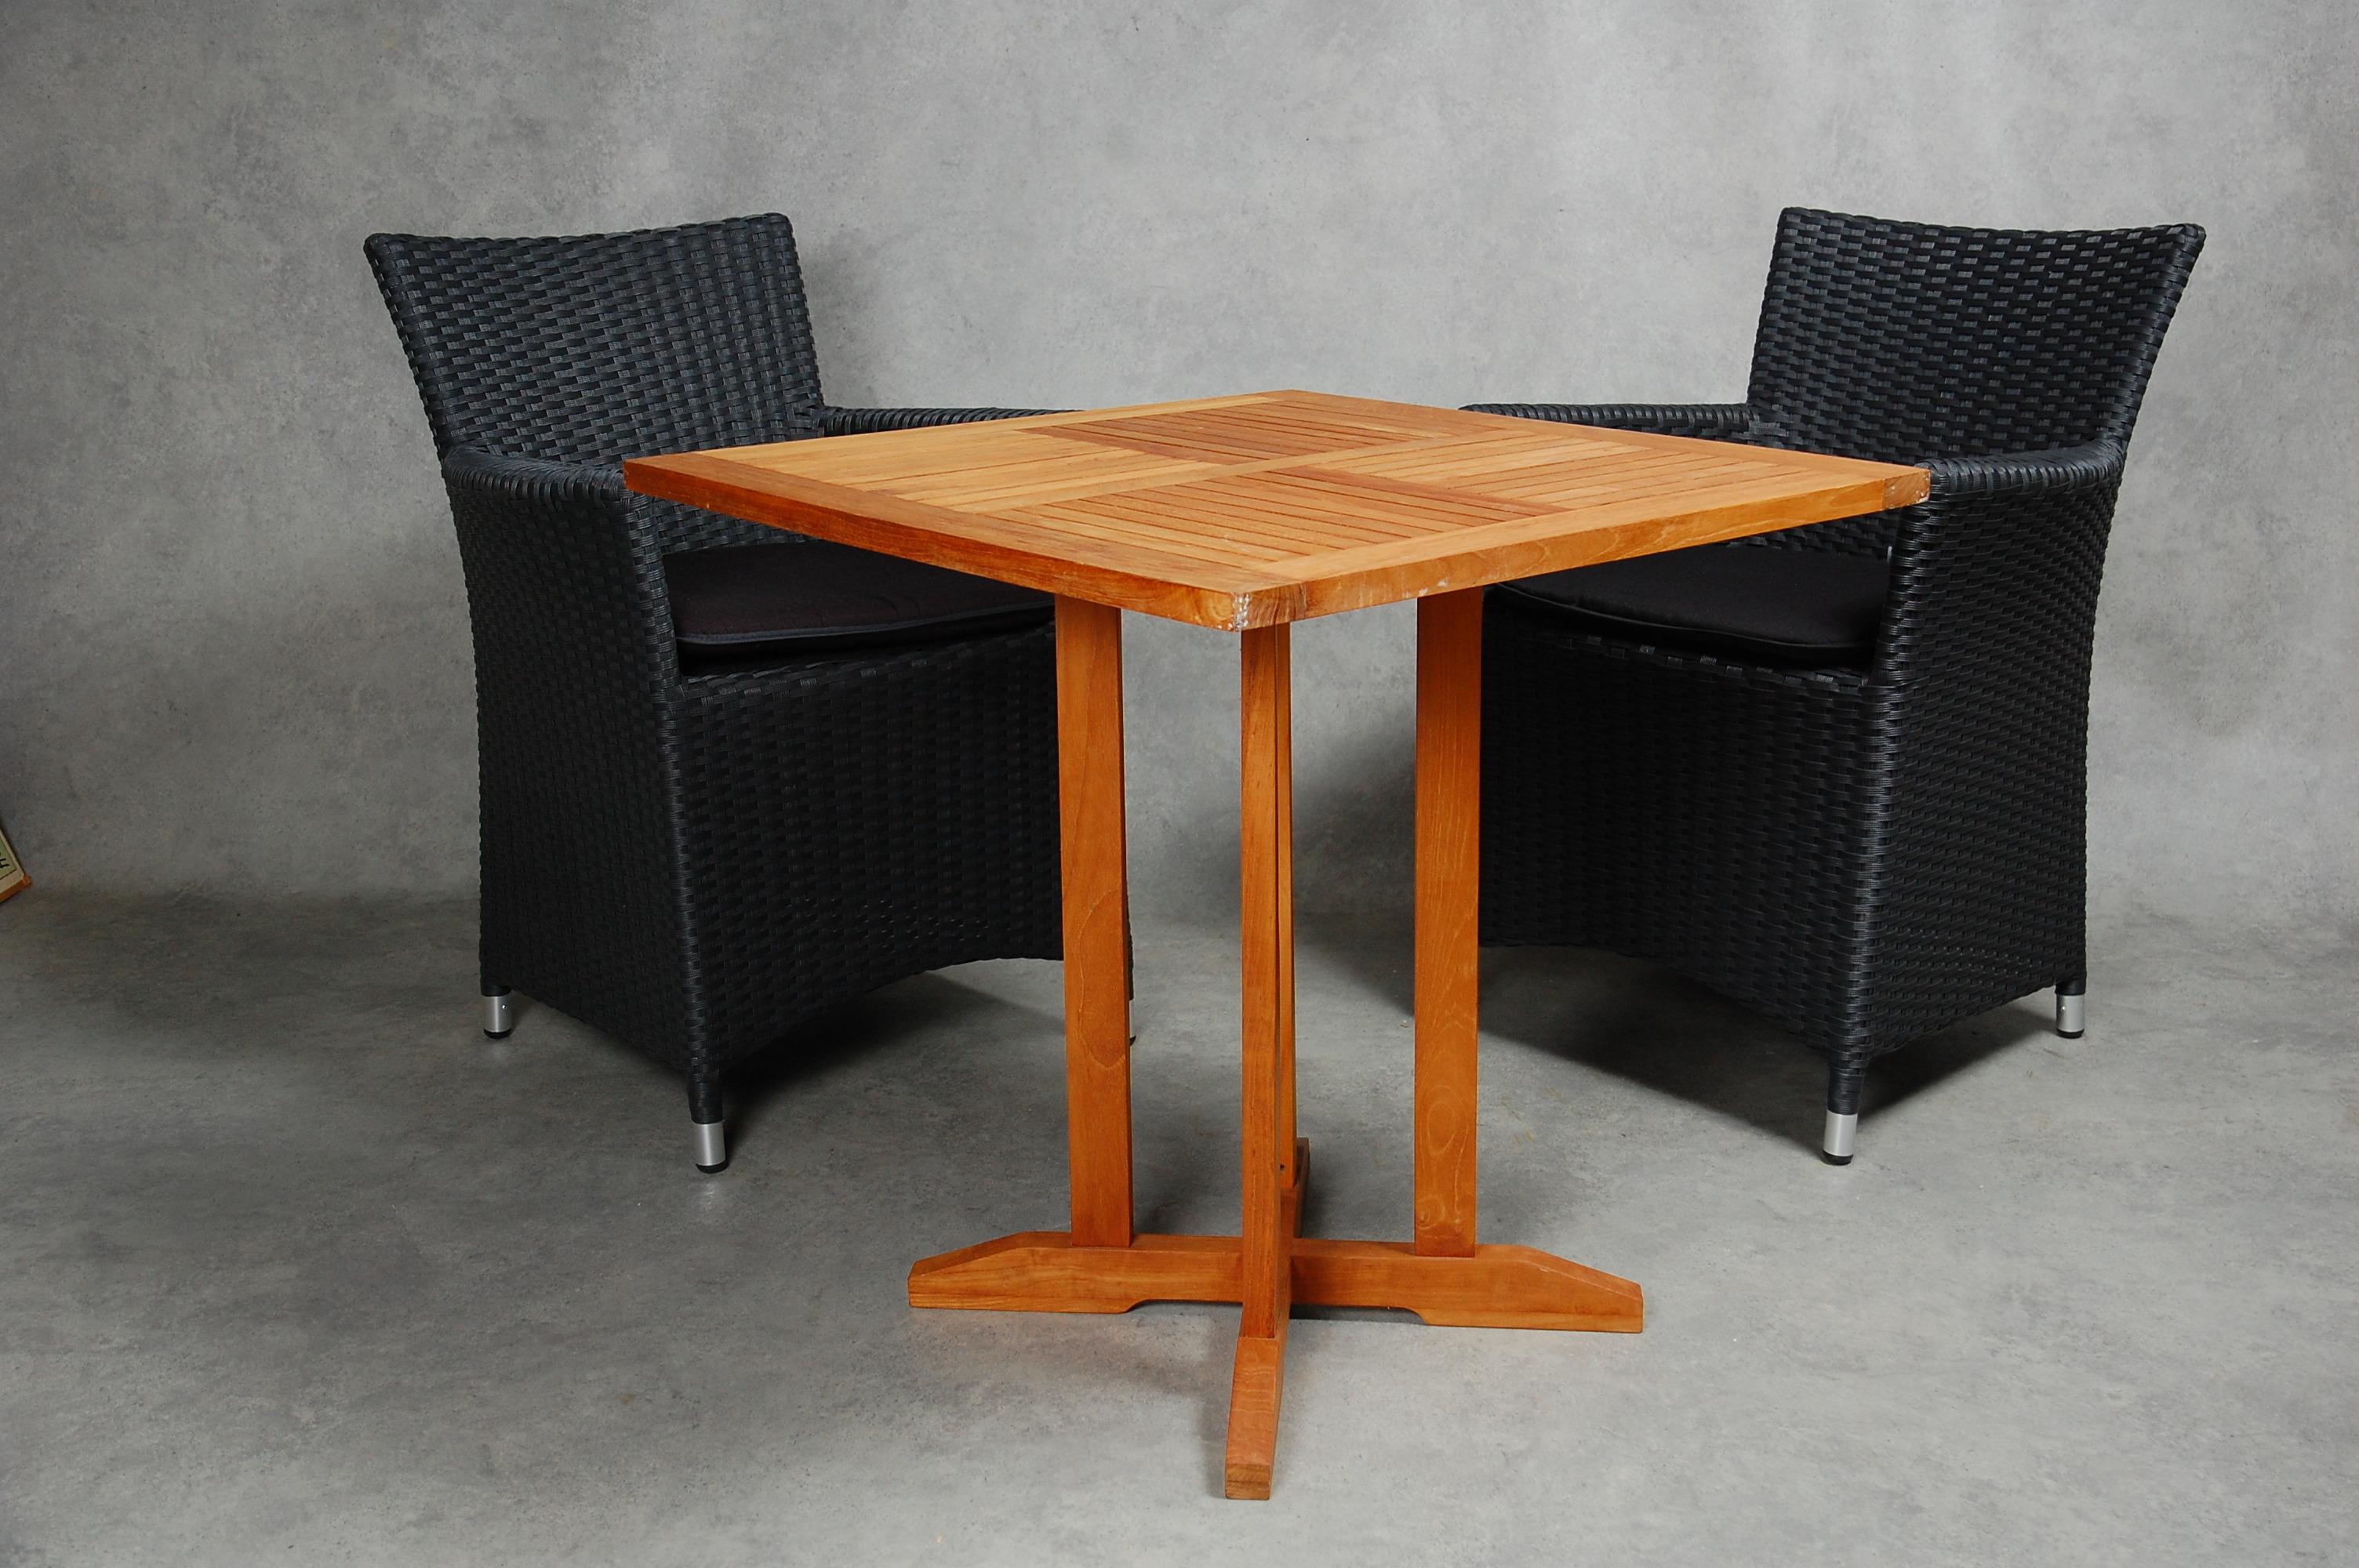 Tradgardsmobler 3 Delar Furniture Other Auctionet